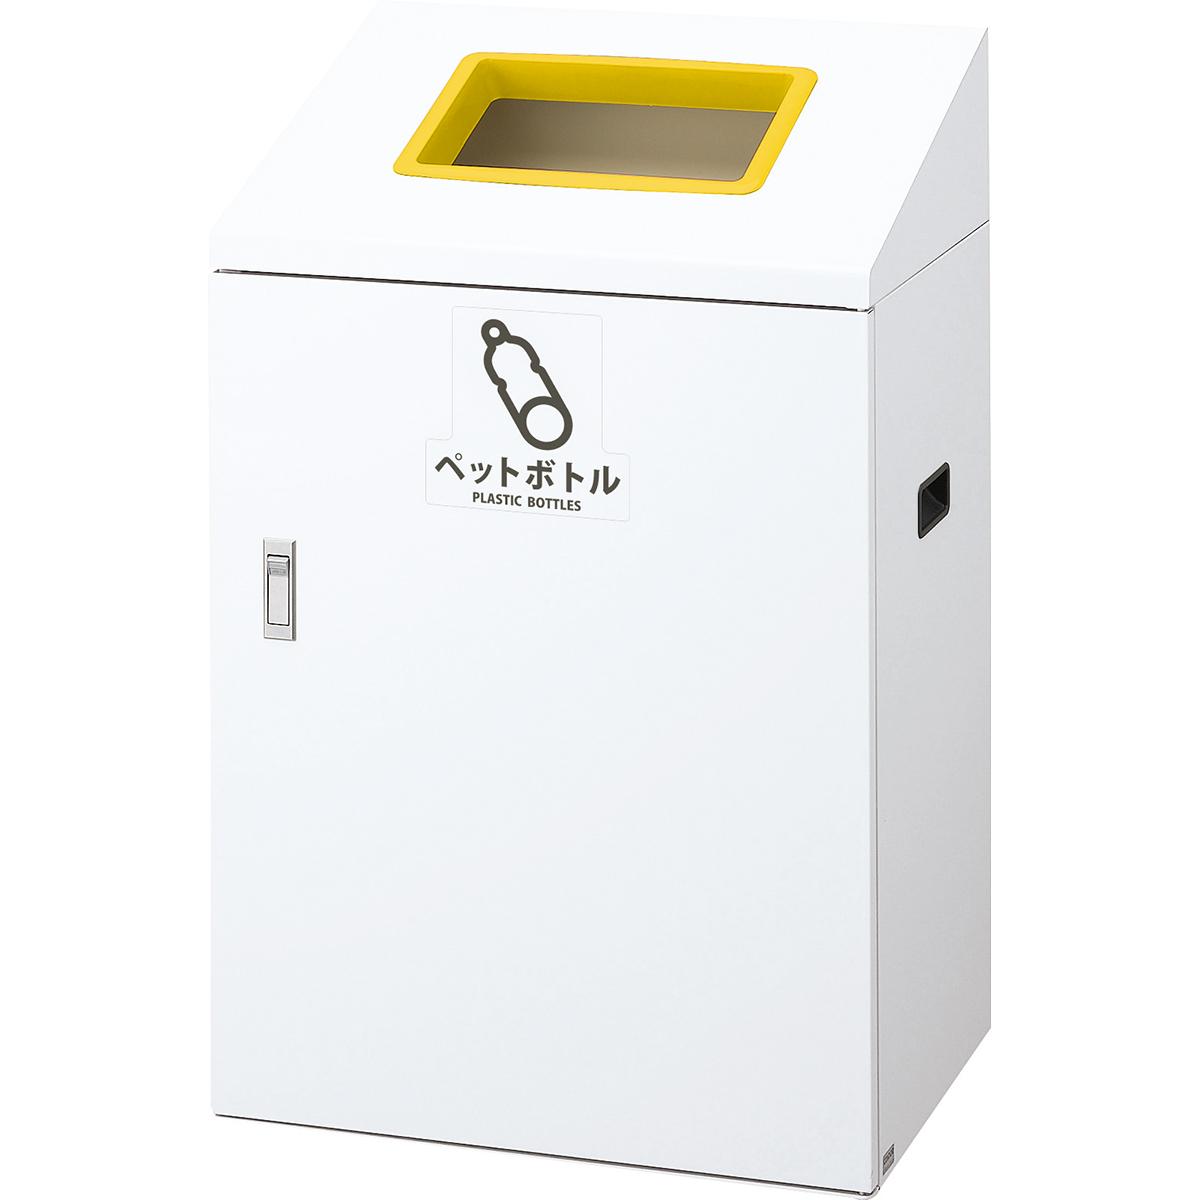 山崎産業 リサイクルボックス YI-90 90L ペットボトル/Y(黄) (代引不可) YW-435L-ID